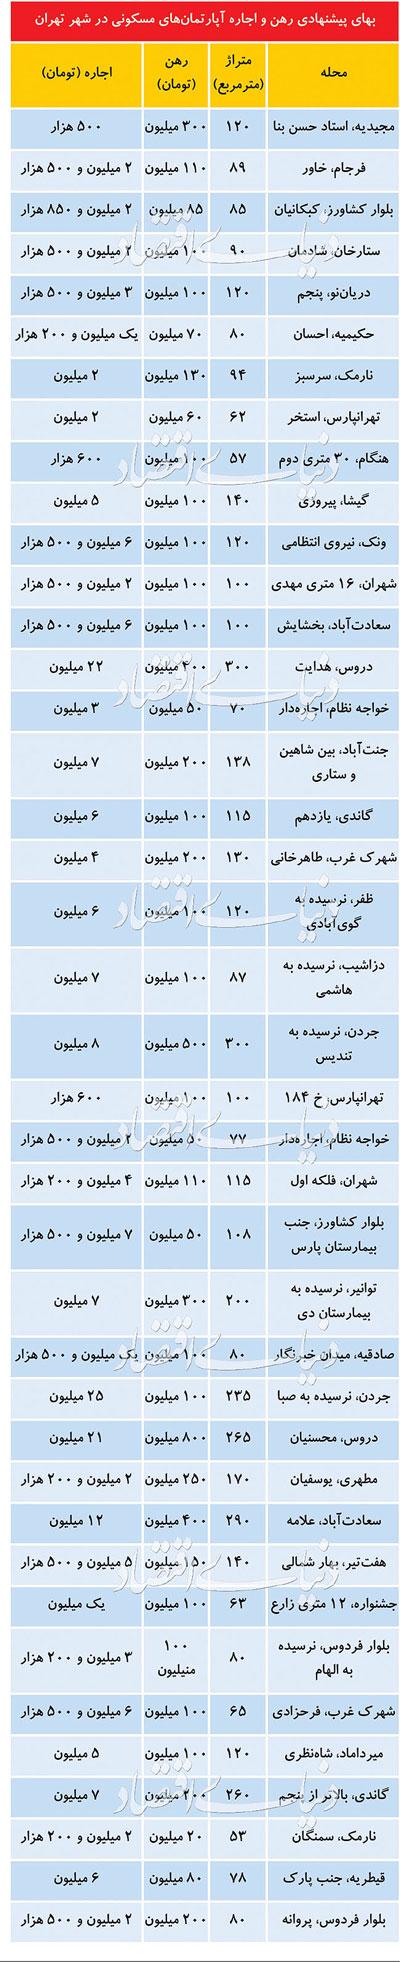 قیمت اجاره مسکن در تهران